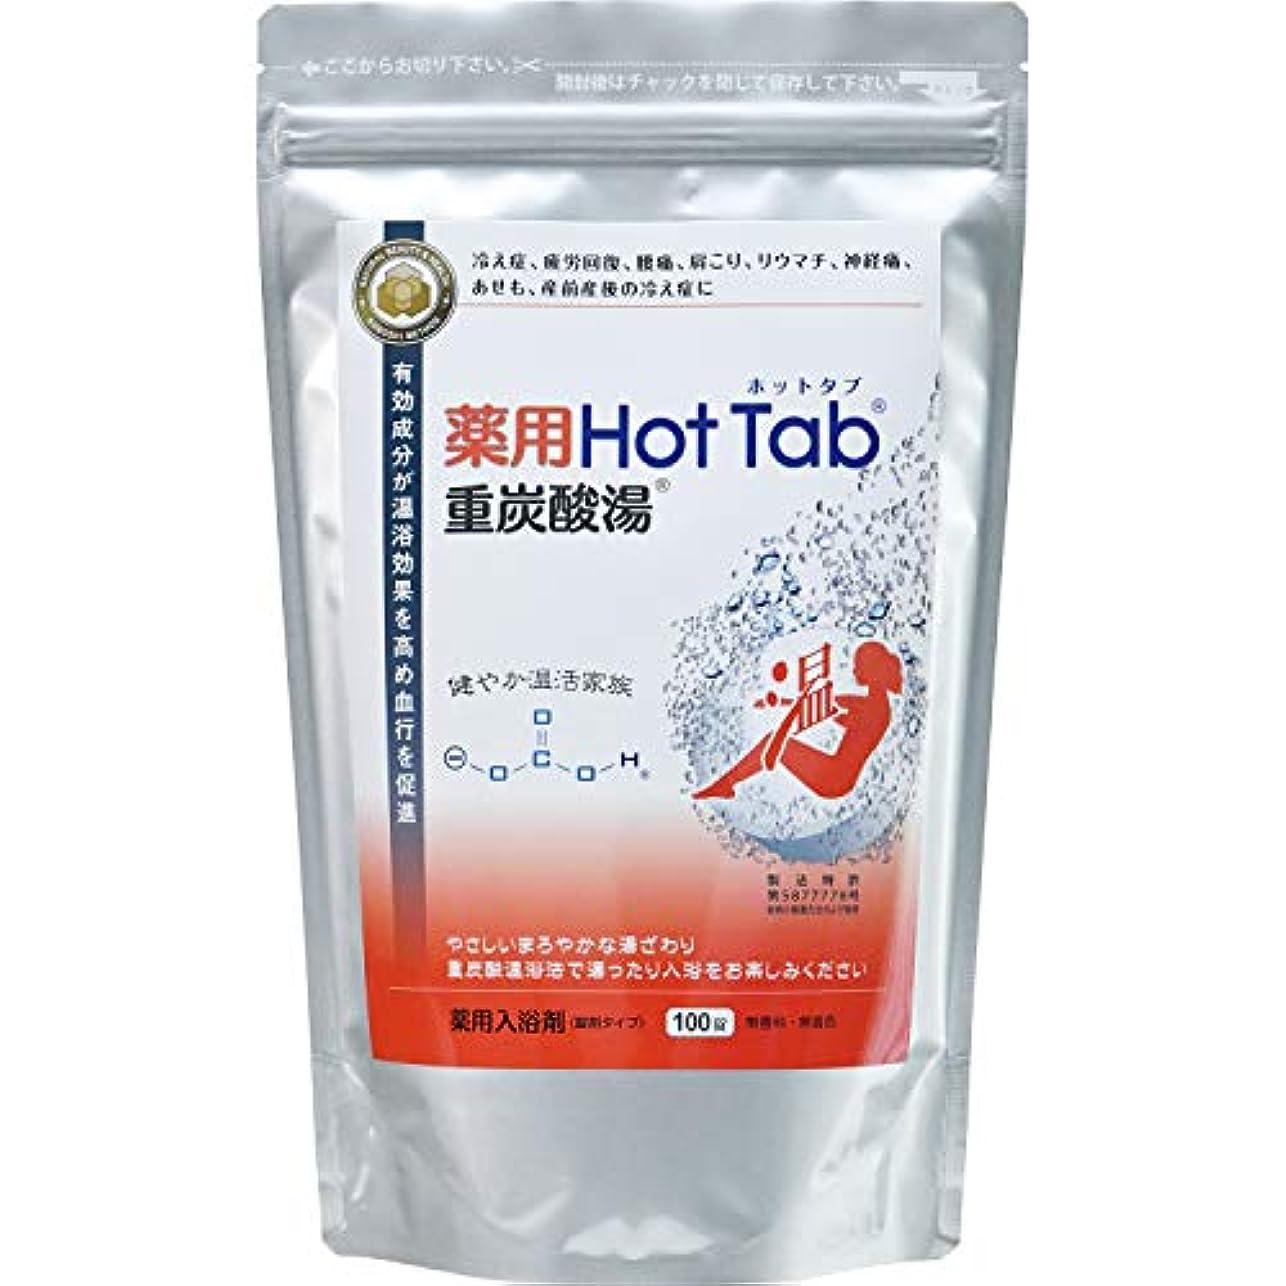 ほこりっぽい吸収謝罪するホットタブ 薬用 Hot Tab 重炭酸湯 100錠 入浴剤 (無香料 無着色 塩中和)